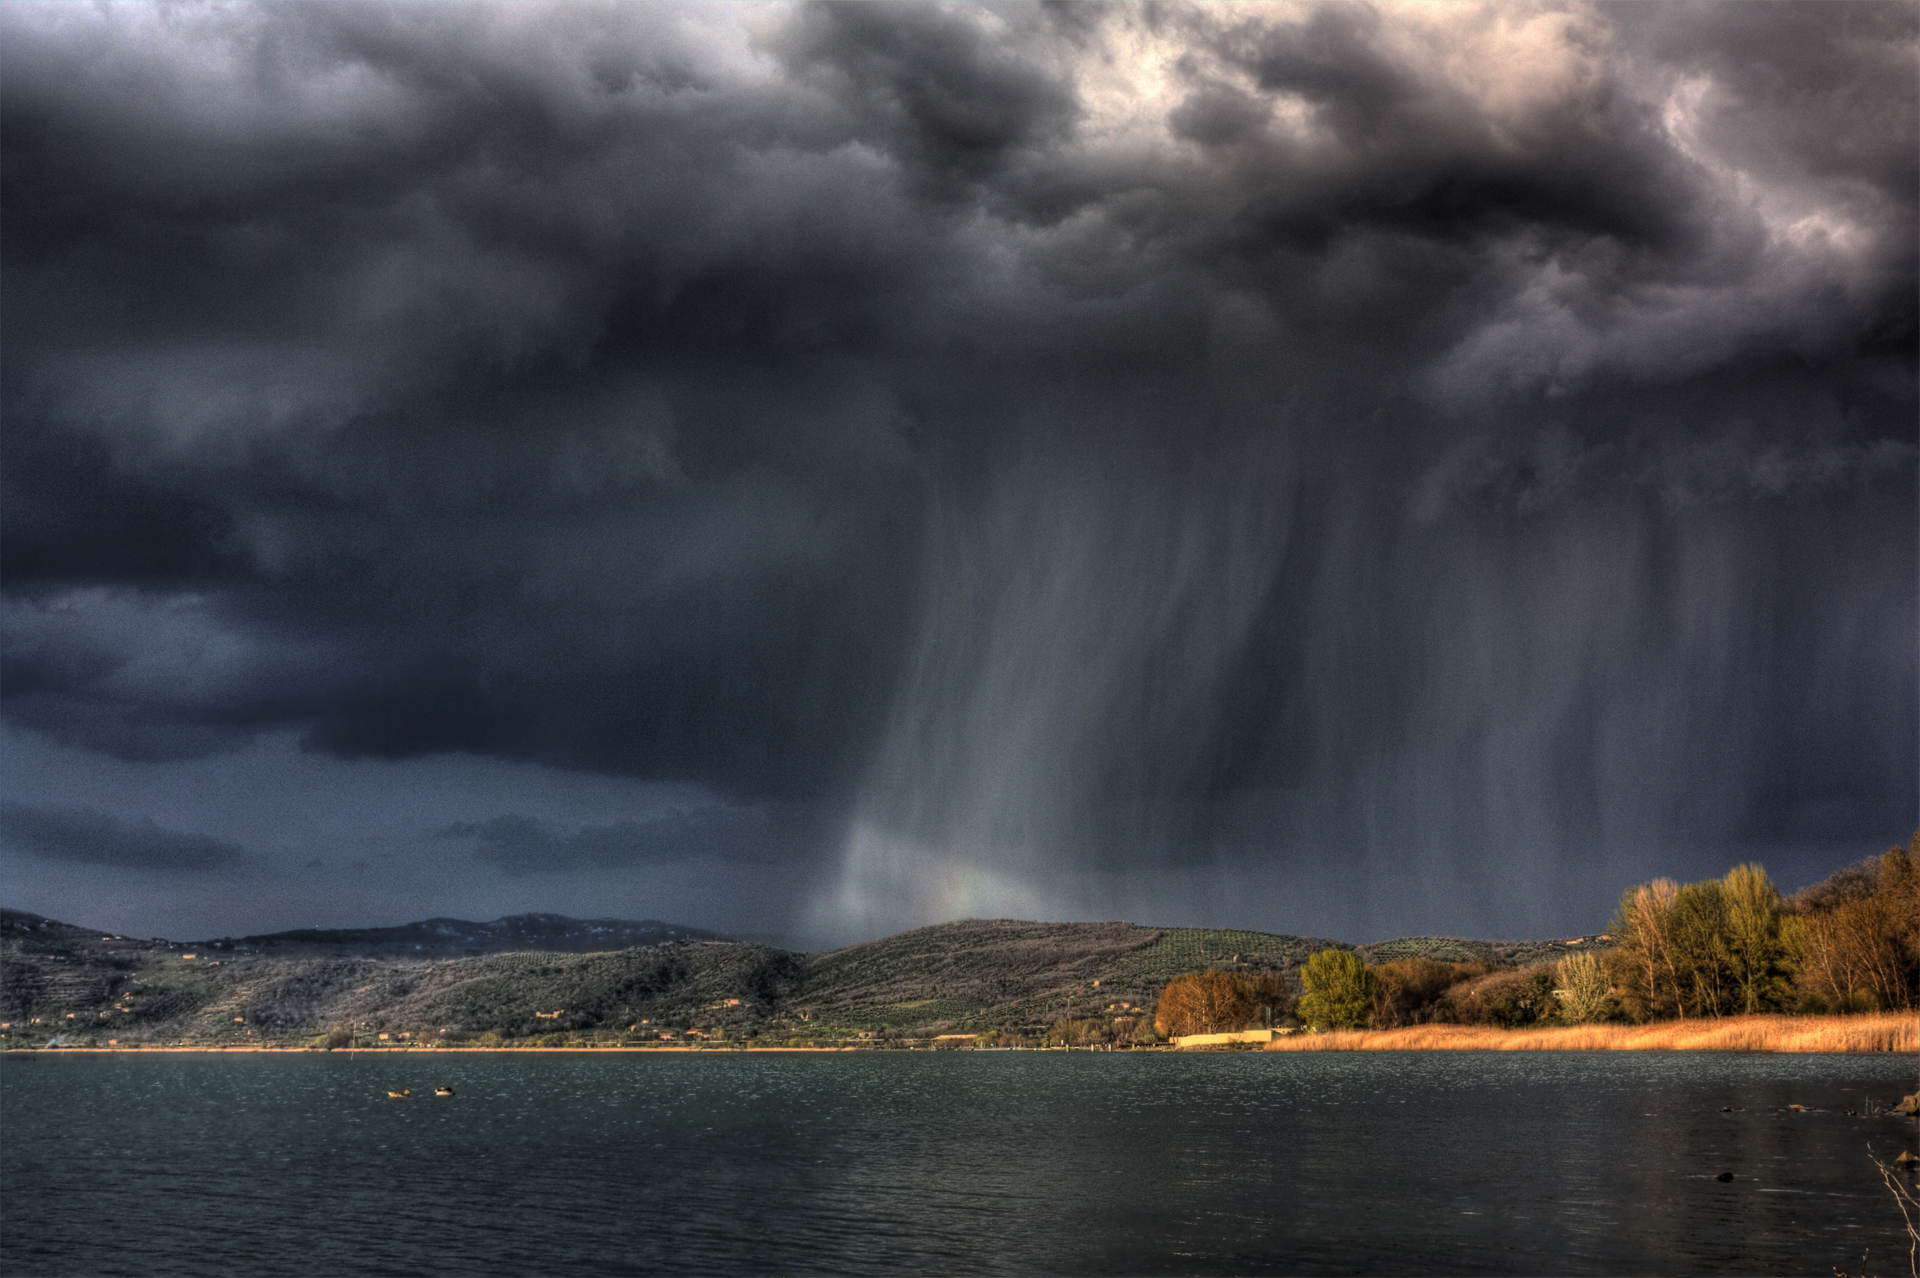 Rain Storm Wallpaper 1920x1278 Rain Storm 1920x1278